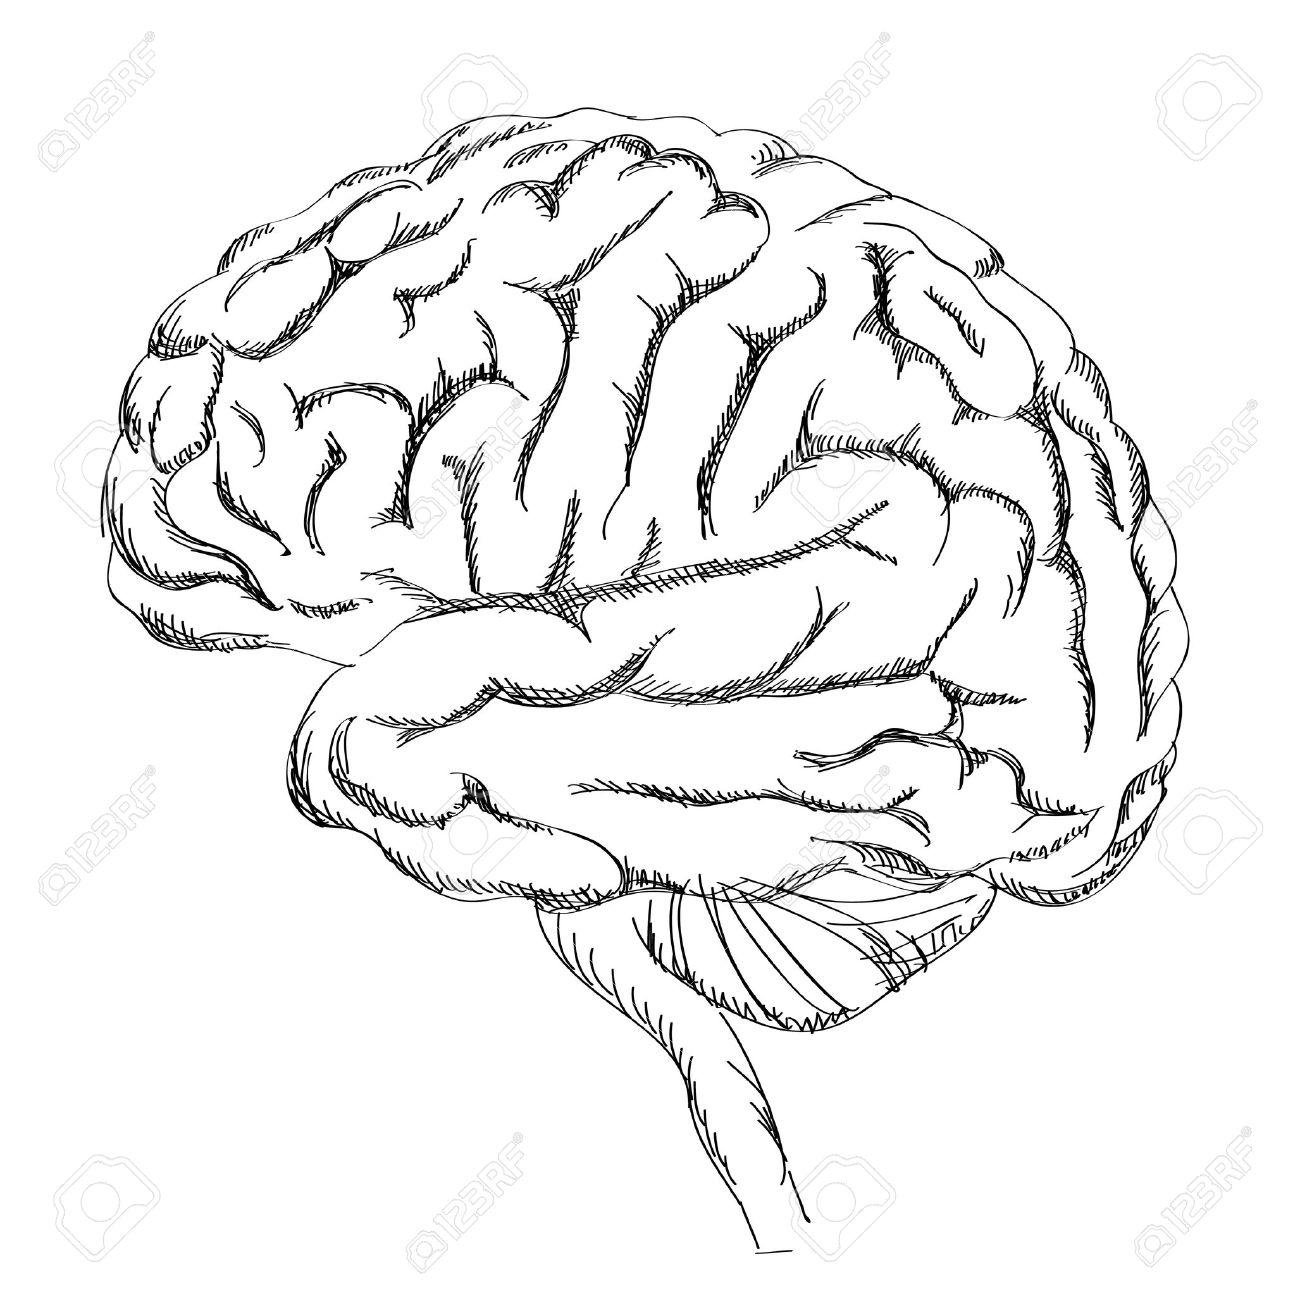 Gehirn-Anatomie. Menschliche Gehirn Seitenansicht. Sketch ...